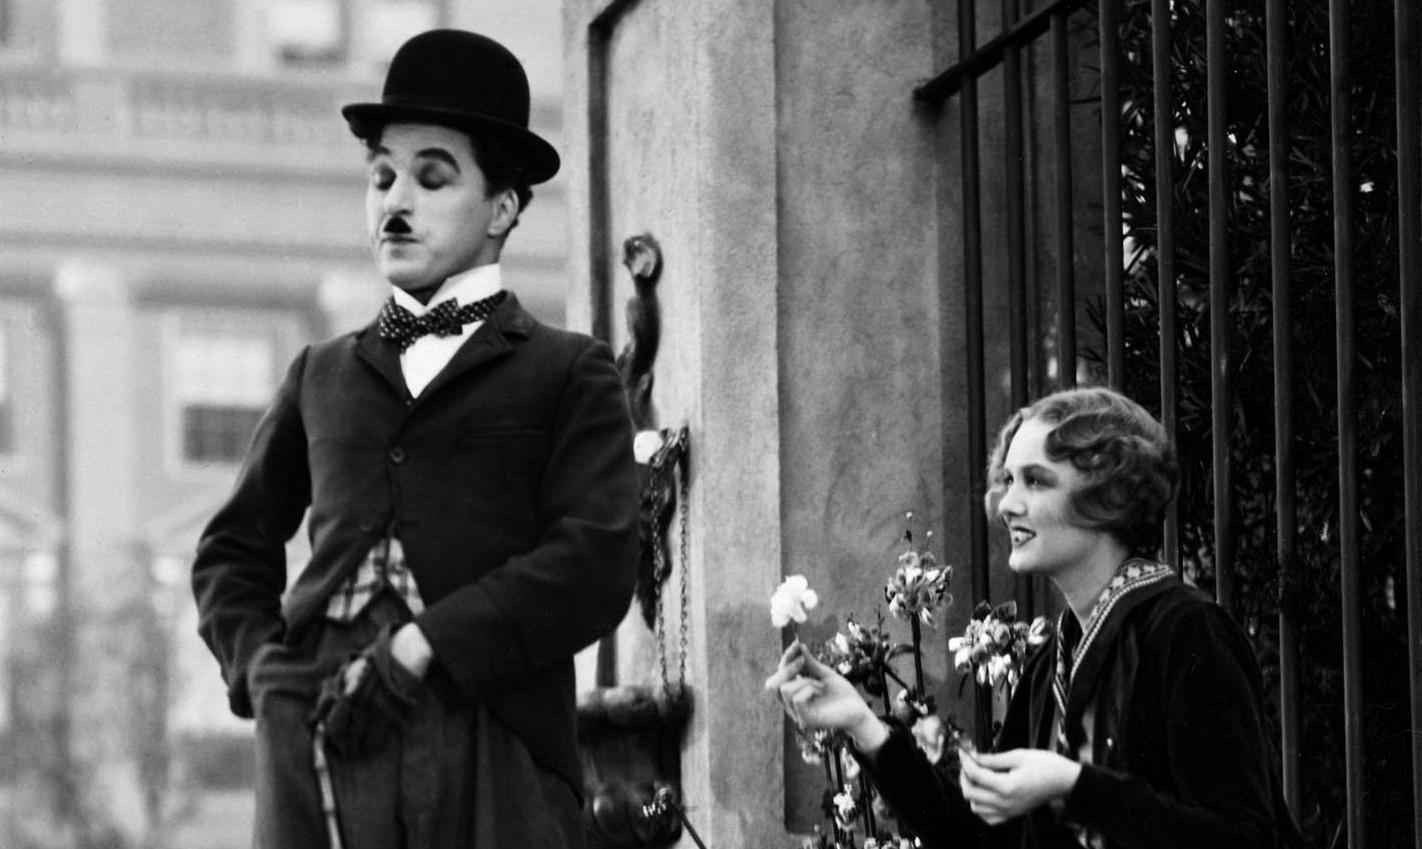 Filmin parodileri: en iyi listeler